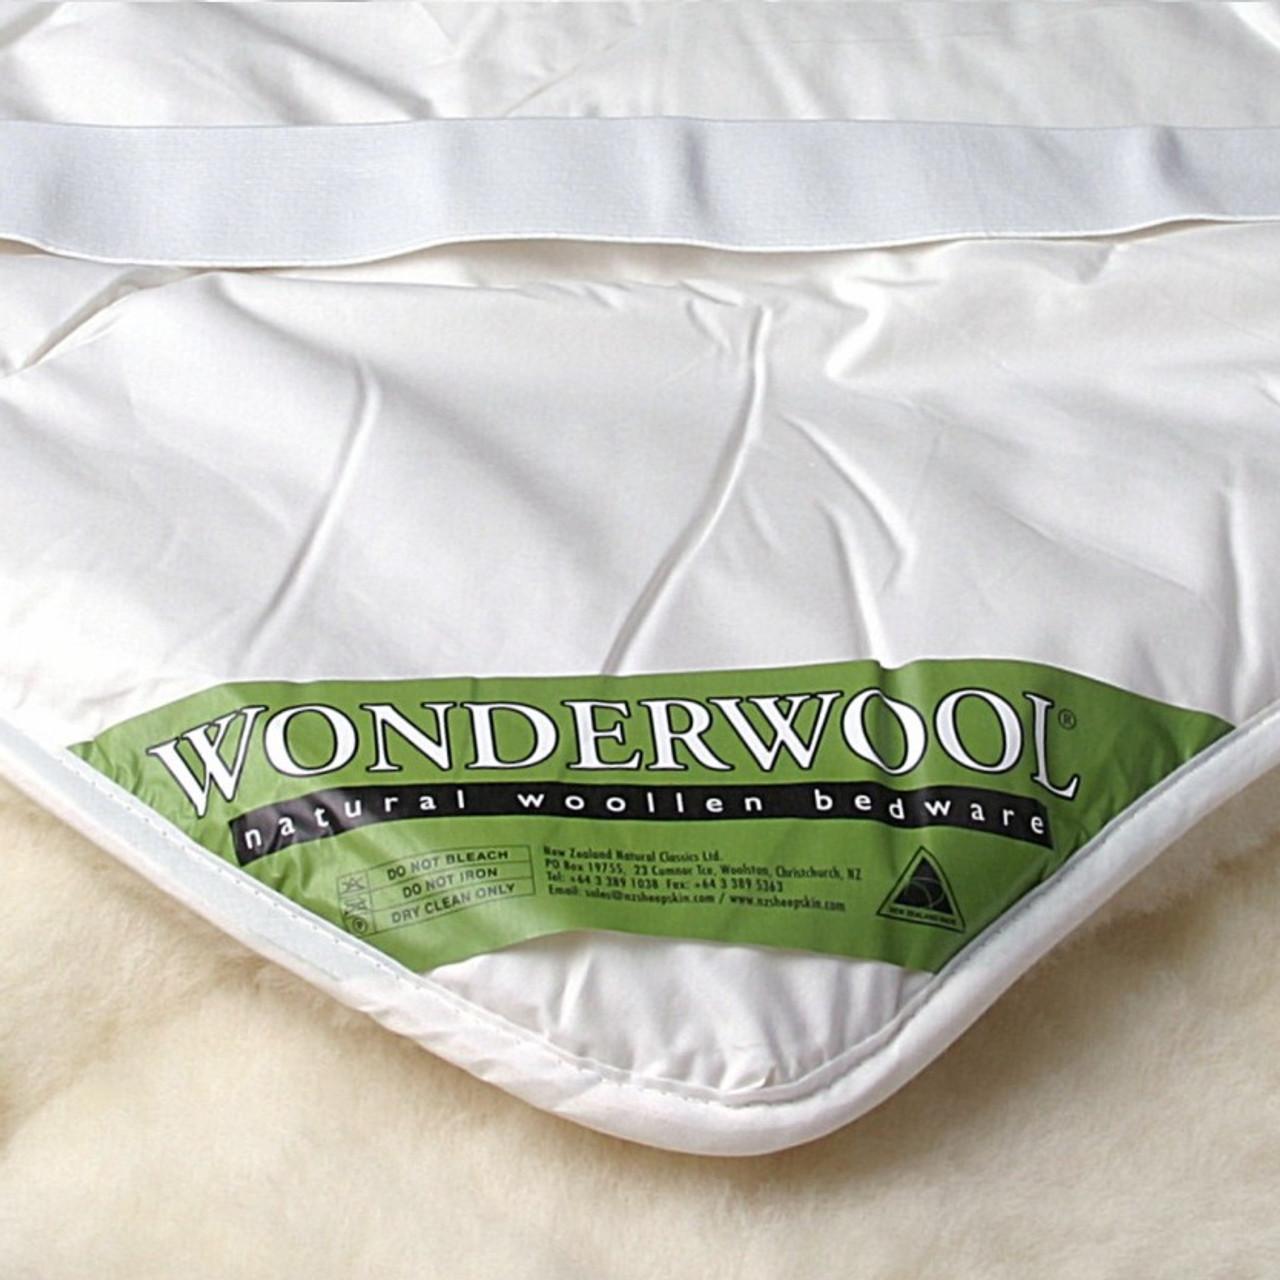 Mi Woolies Wonder Wool Luxury Reversible Wool Underquilt